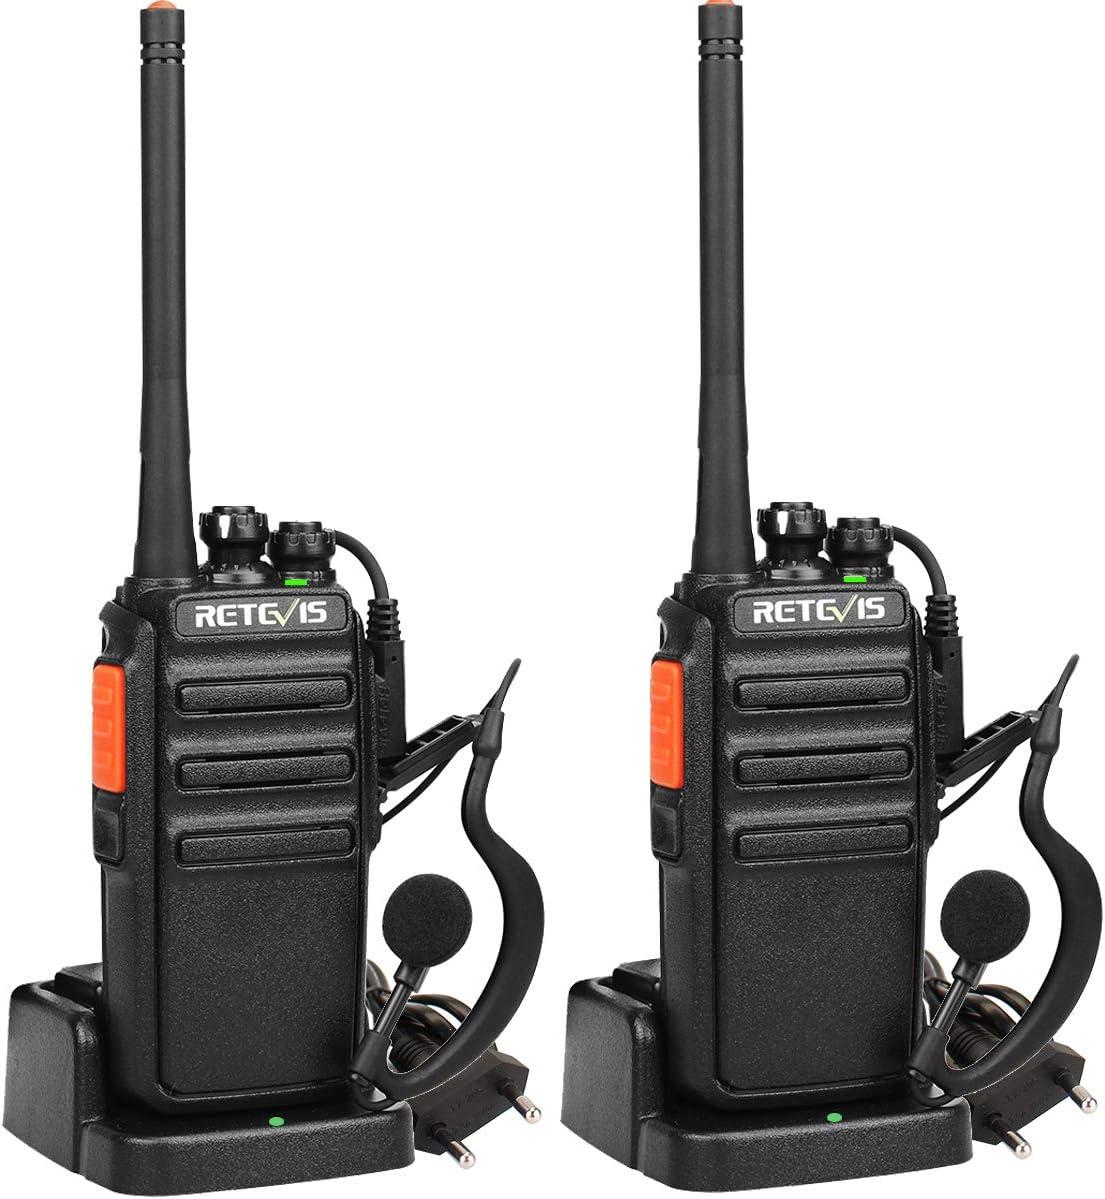 Retevis RT24 Walkie Talkie Recargable PMR446 sin Licencia 16 Canales CTCSS DCS Walkie Talkie Profesionales con Auriculares y Cargador Europeo Walkie Talkie Largo Alcance (Negro, 1 Par)